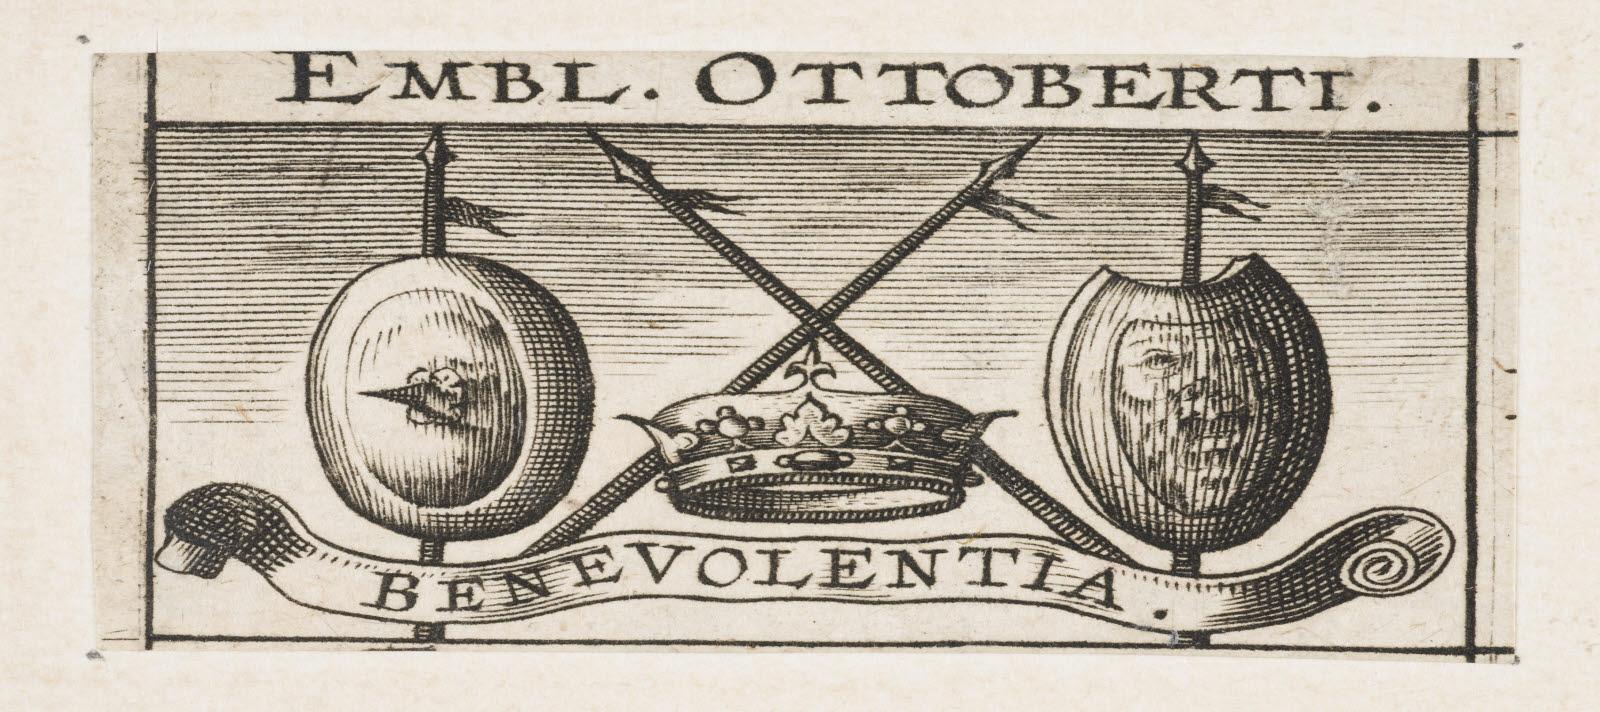 Emblème d'Ottobert_0